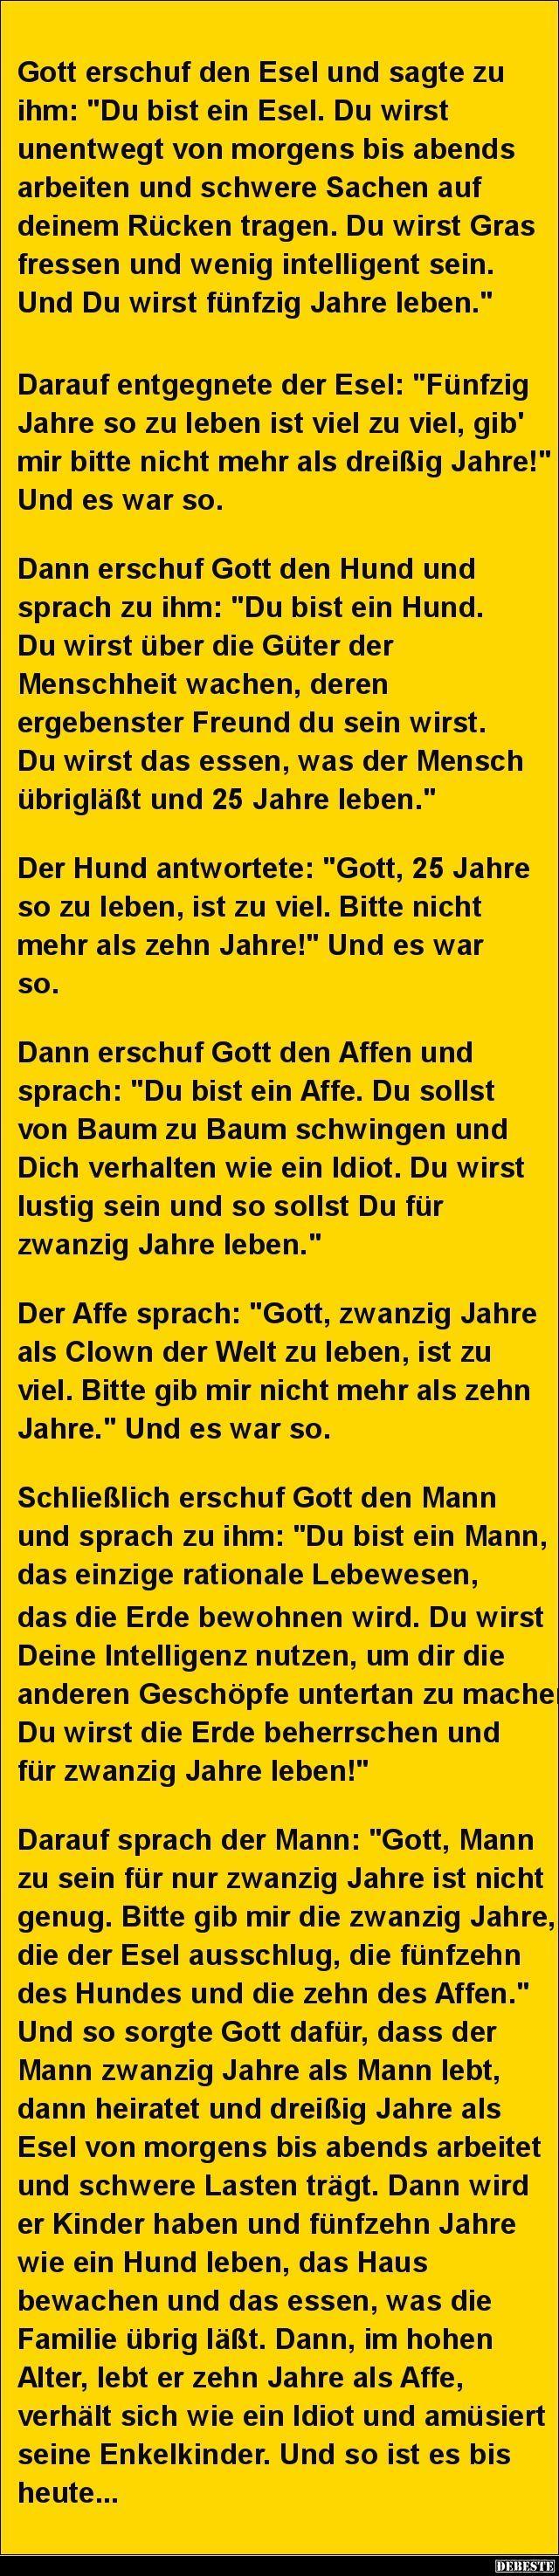 Gott erschuf den Esel und sagte zu ihm.. | DEBESTE.de, Lustige Bilder, Sprüche, Witze und Videos